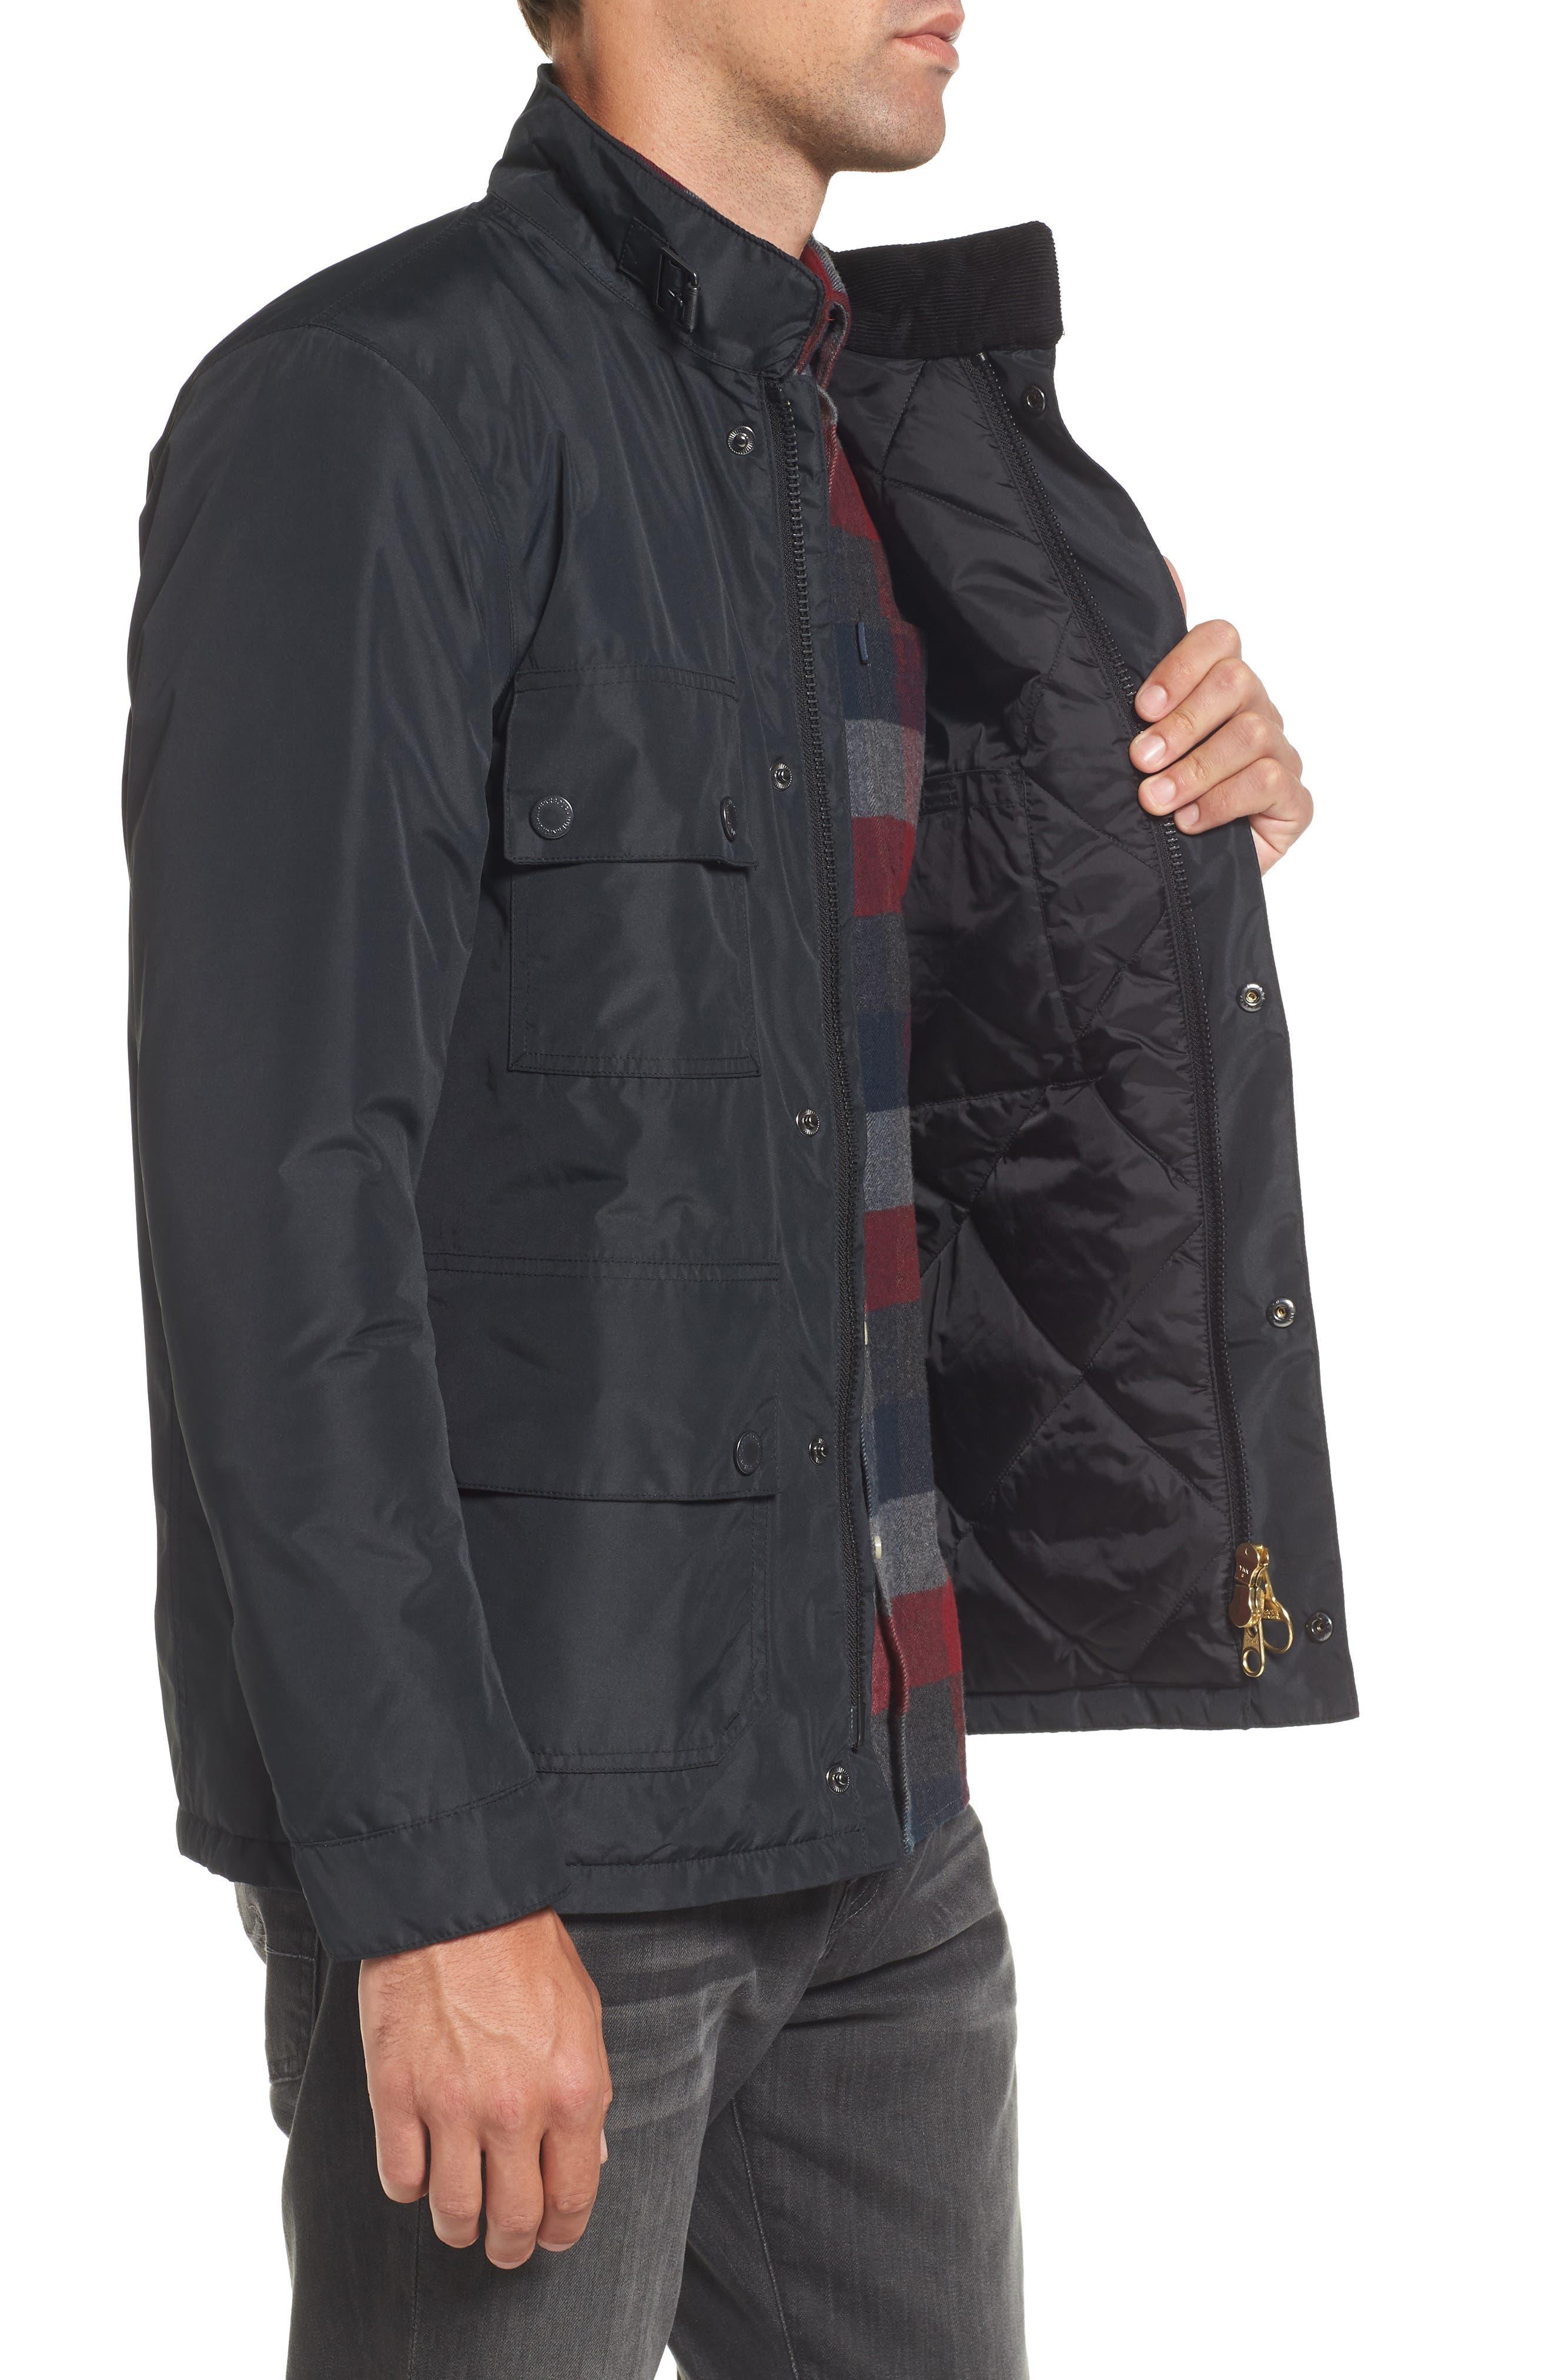 B.Intl Tyne Waterproof Jacket,                             Alternate thumbnail 3, color,                             001